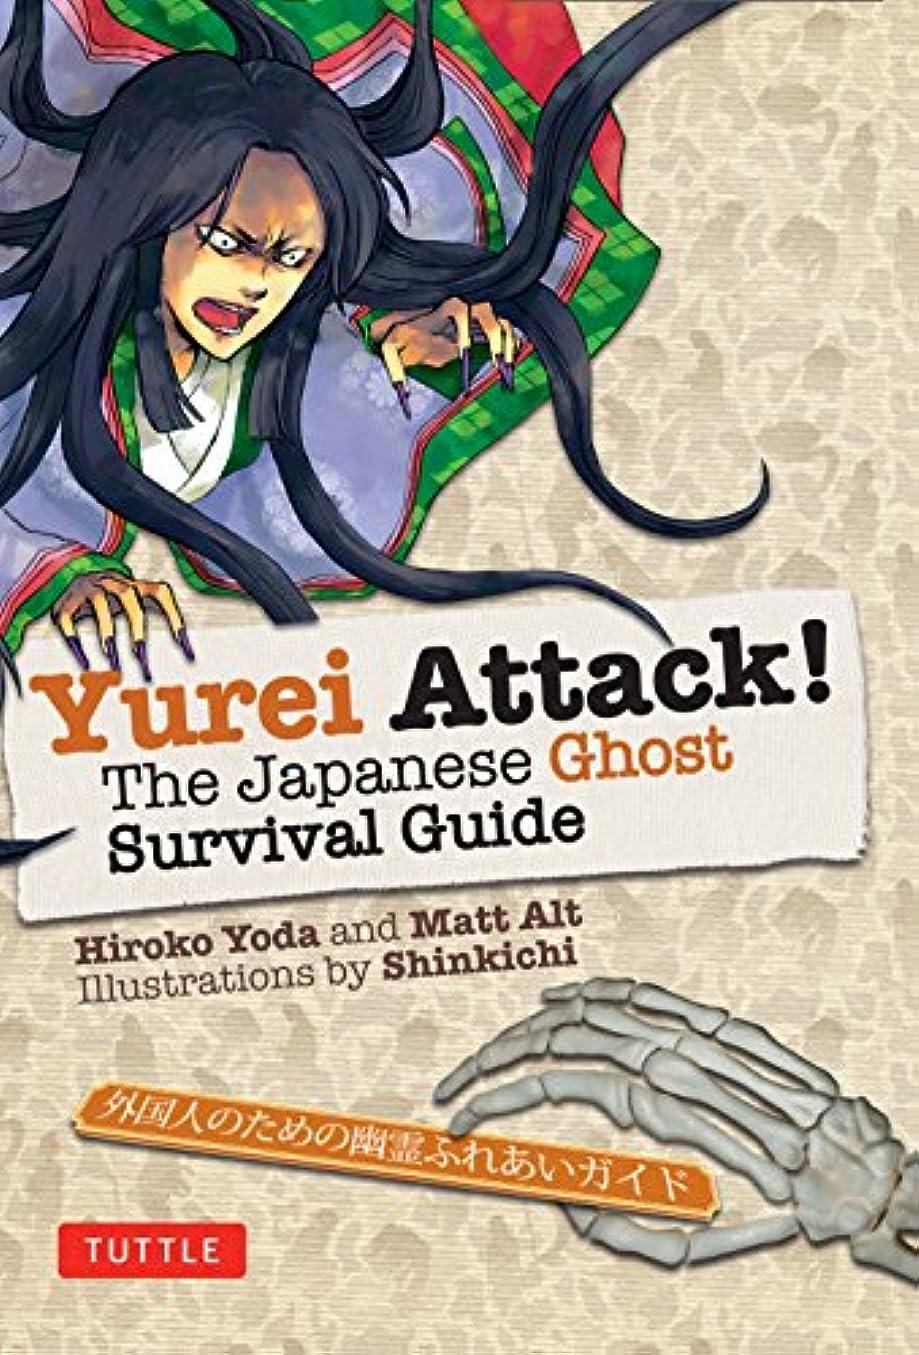 囲む残基学部Yurei Attack!: The Japanese Ghost Survival Guide (Yokai ATTACK! Series) (English Edition)